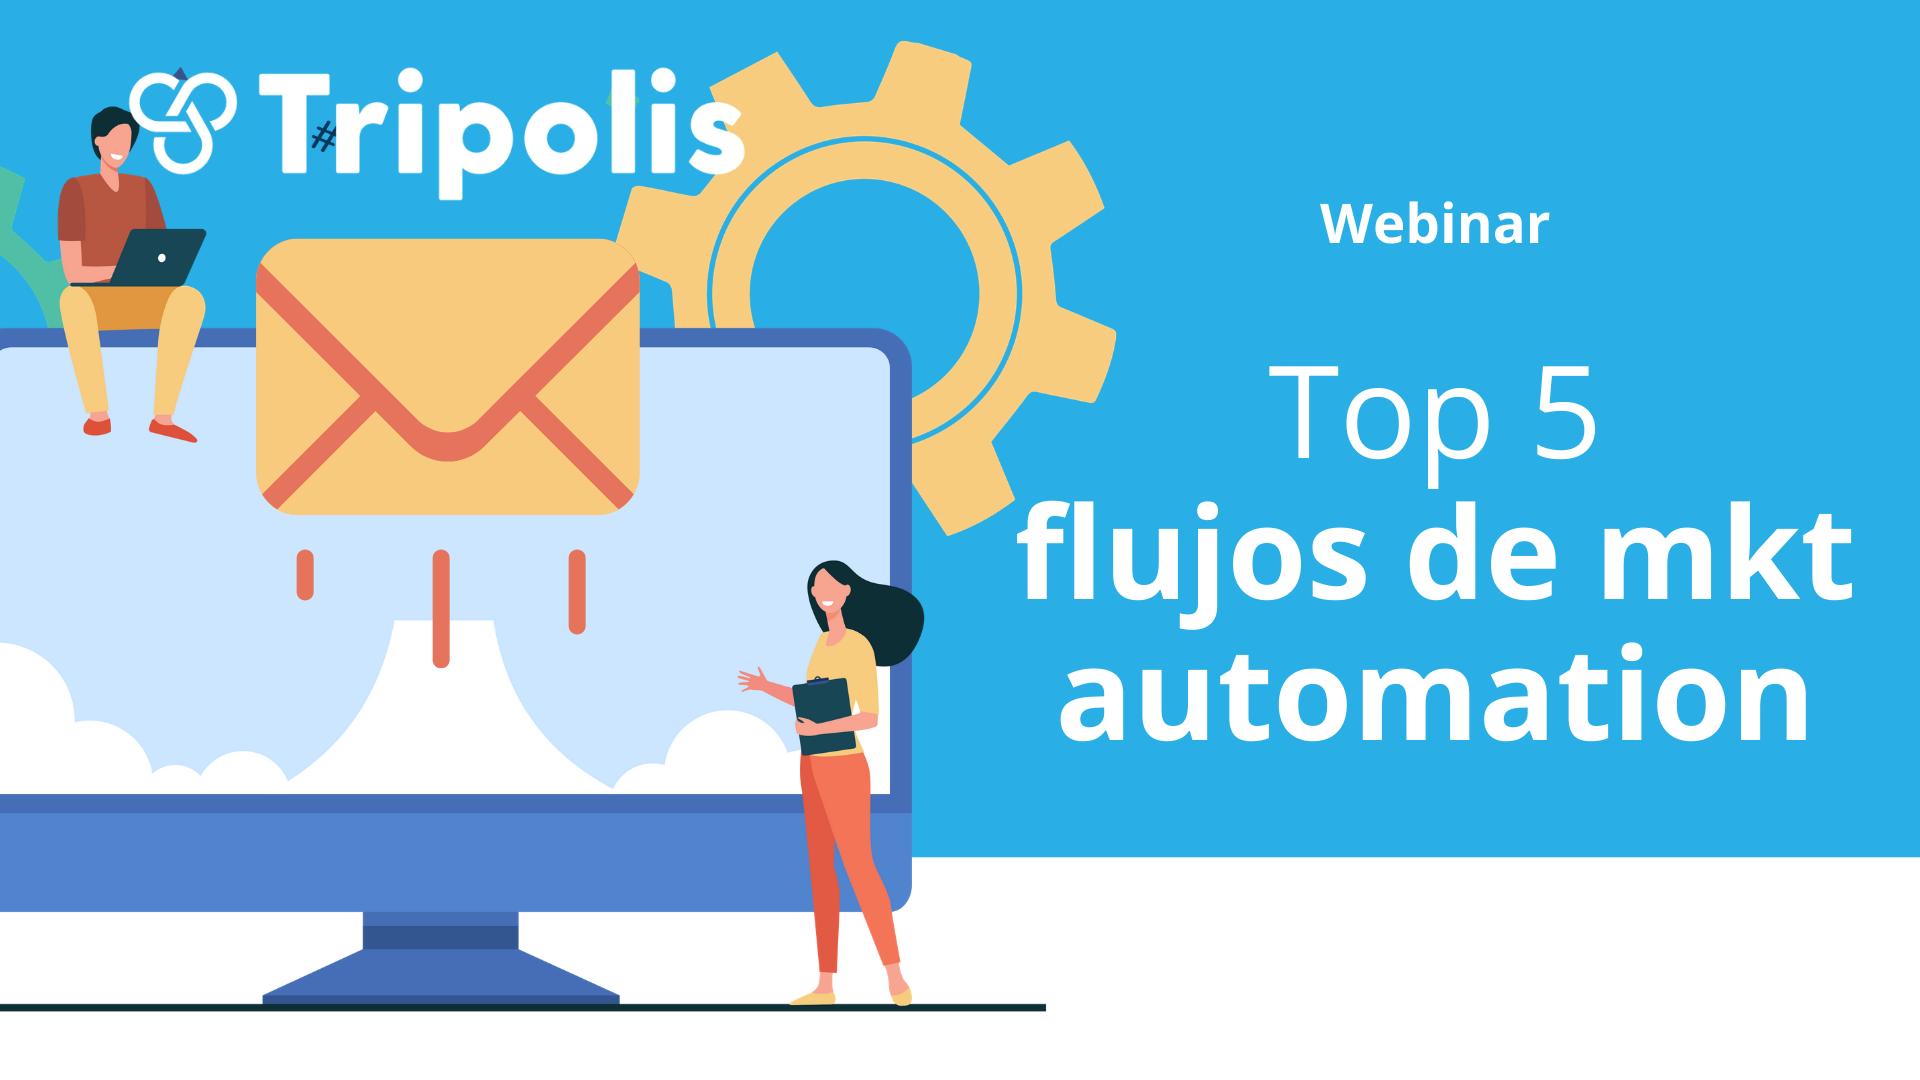 Webinar top 5 flujos de marketing automation